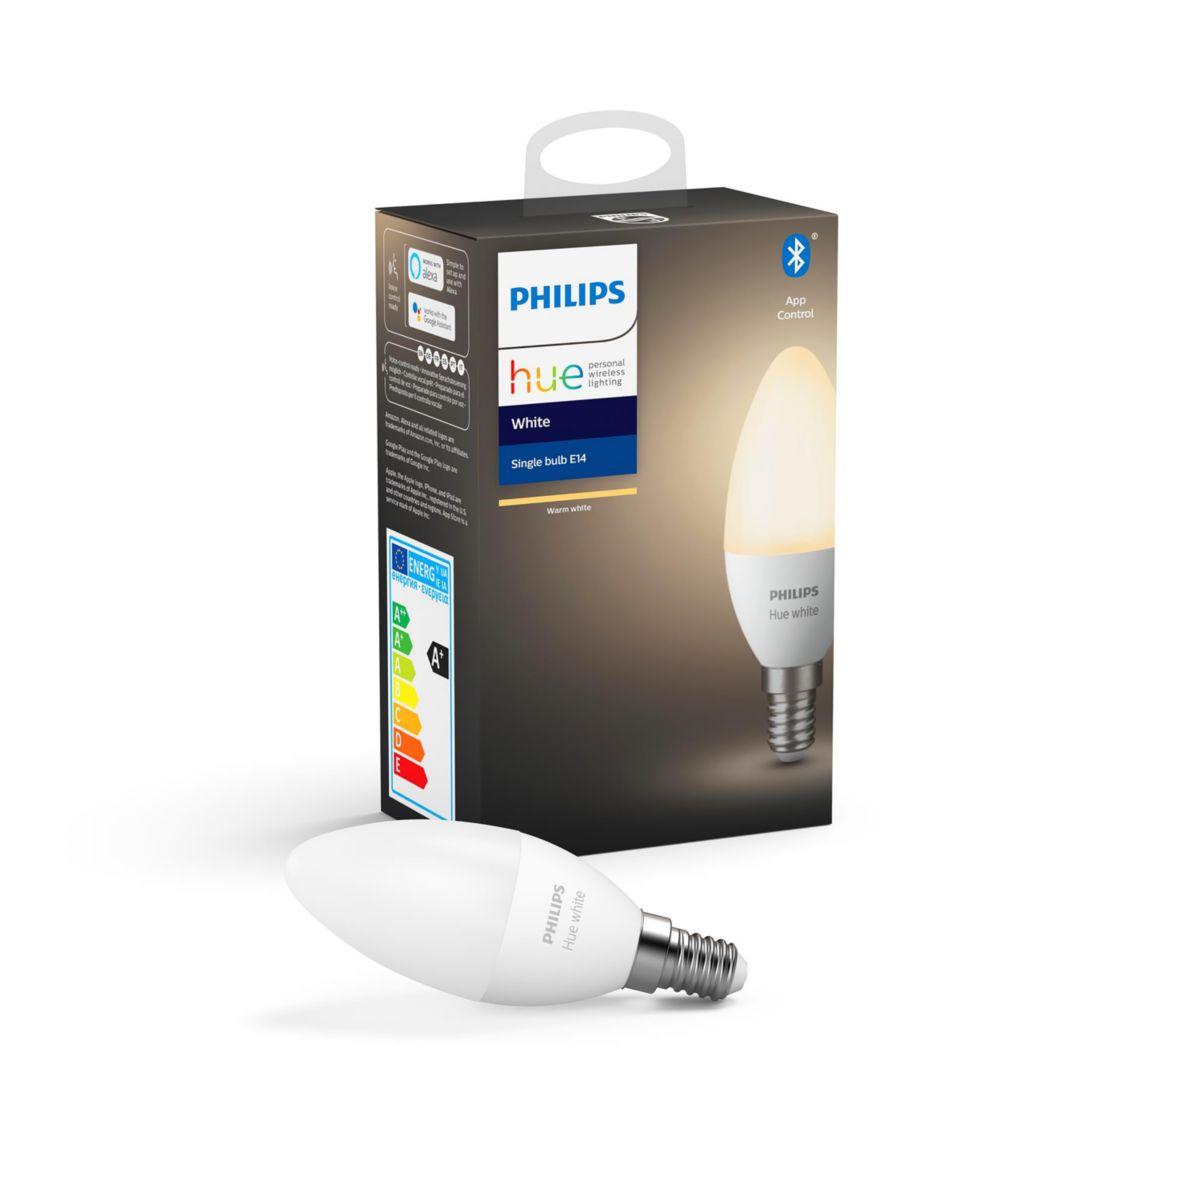 Hue White Single Bulb E14 8718699671211 Philips